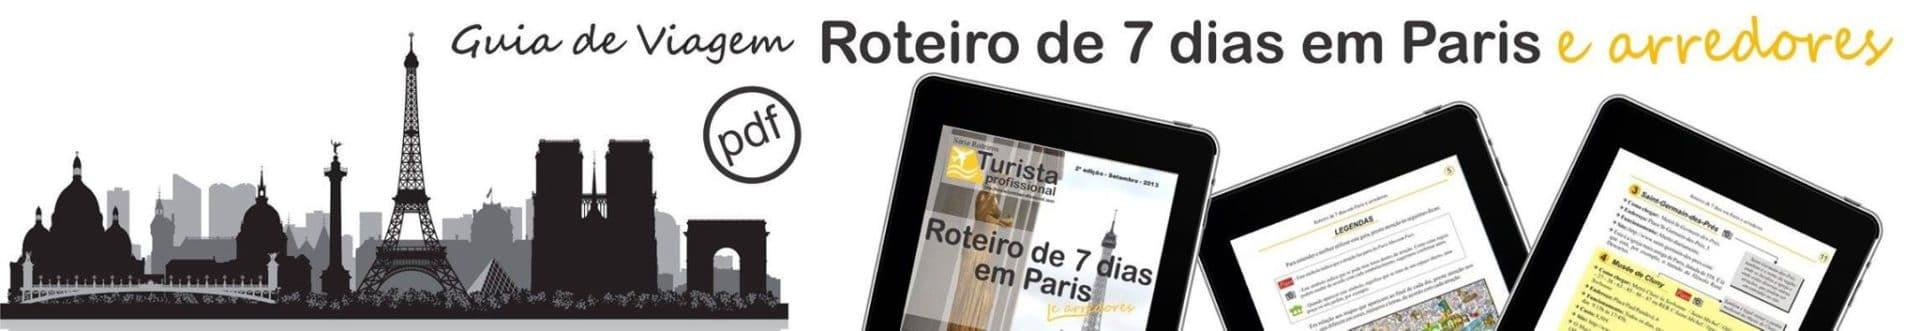 Roteiro de 7 dias em Paris & arredores (guia digital)